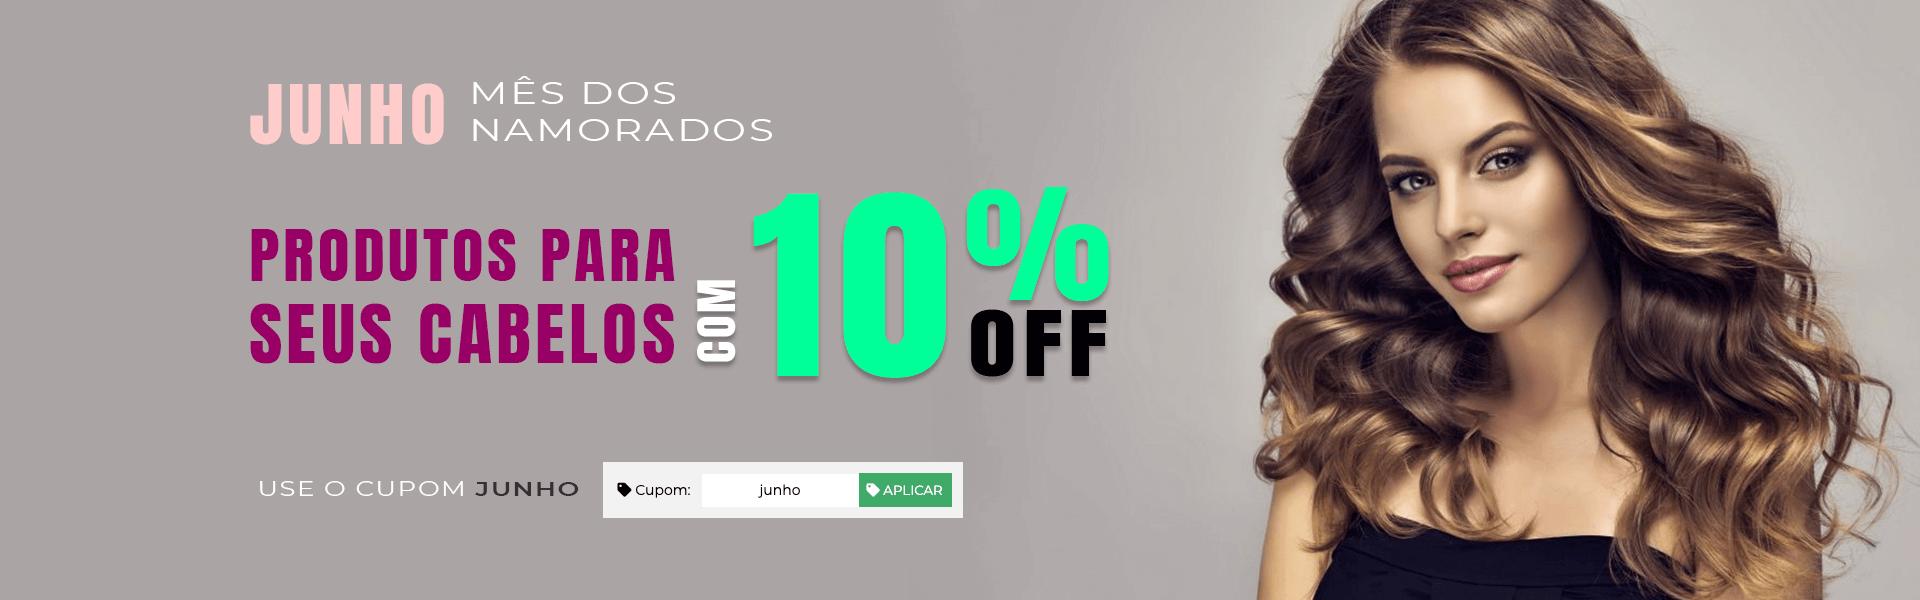 PRODUTOS PARA SEUS CABELOS COM 10% OFF